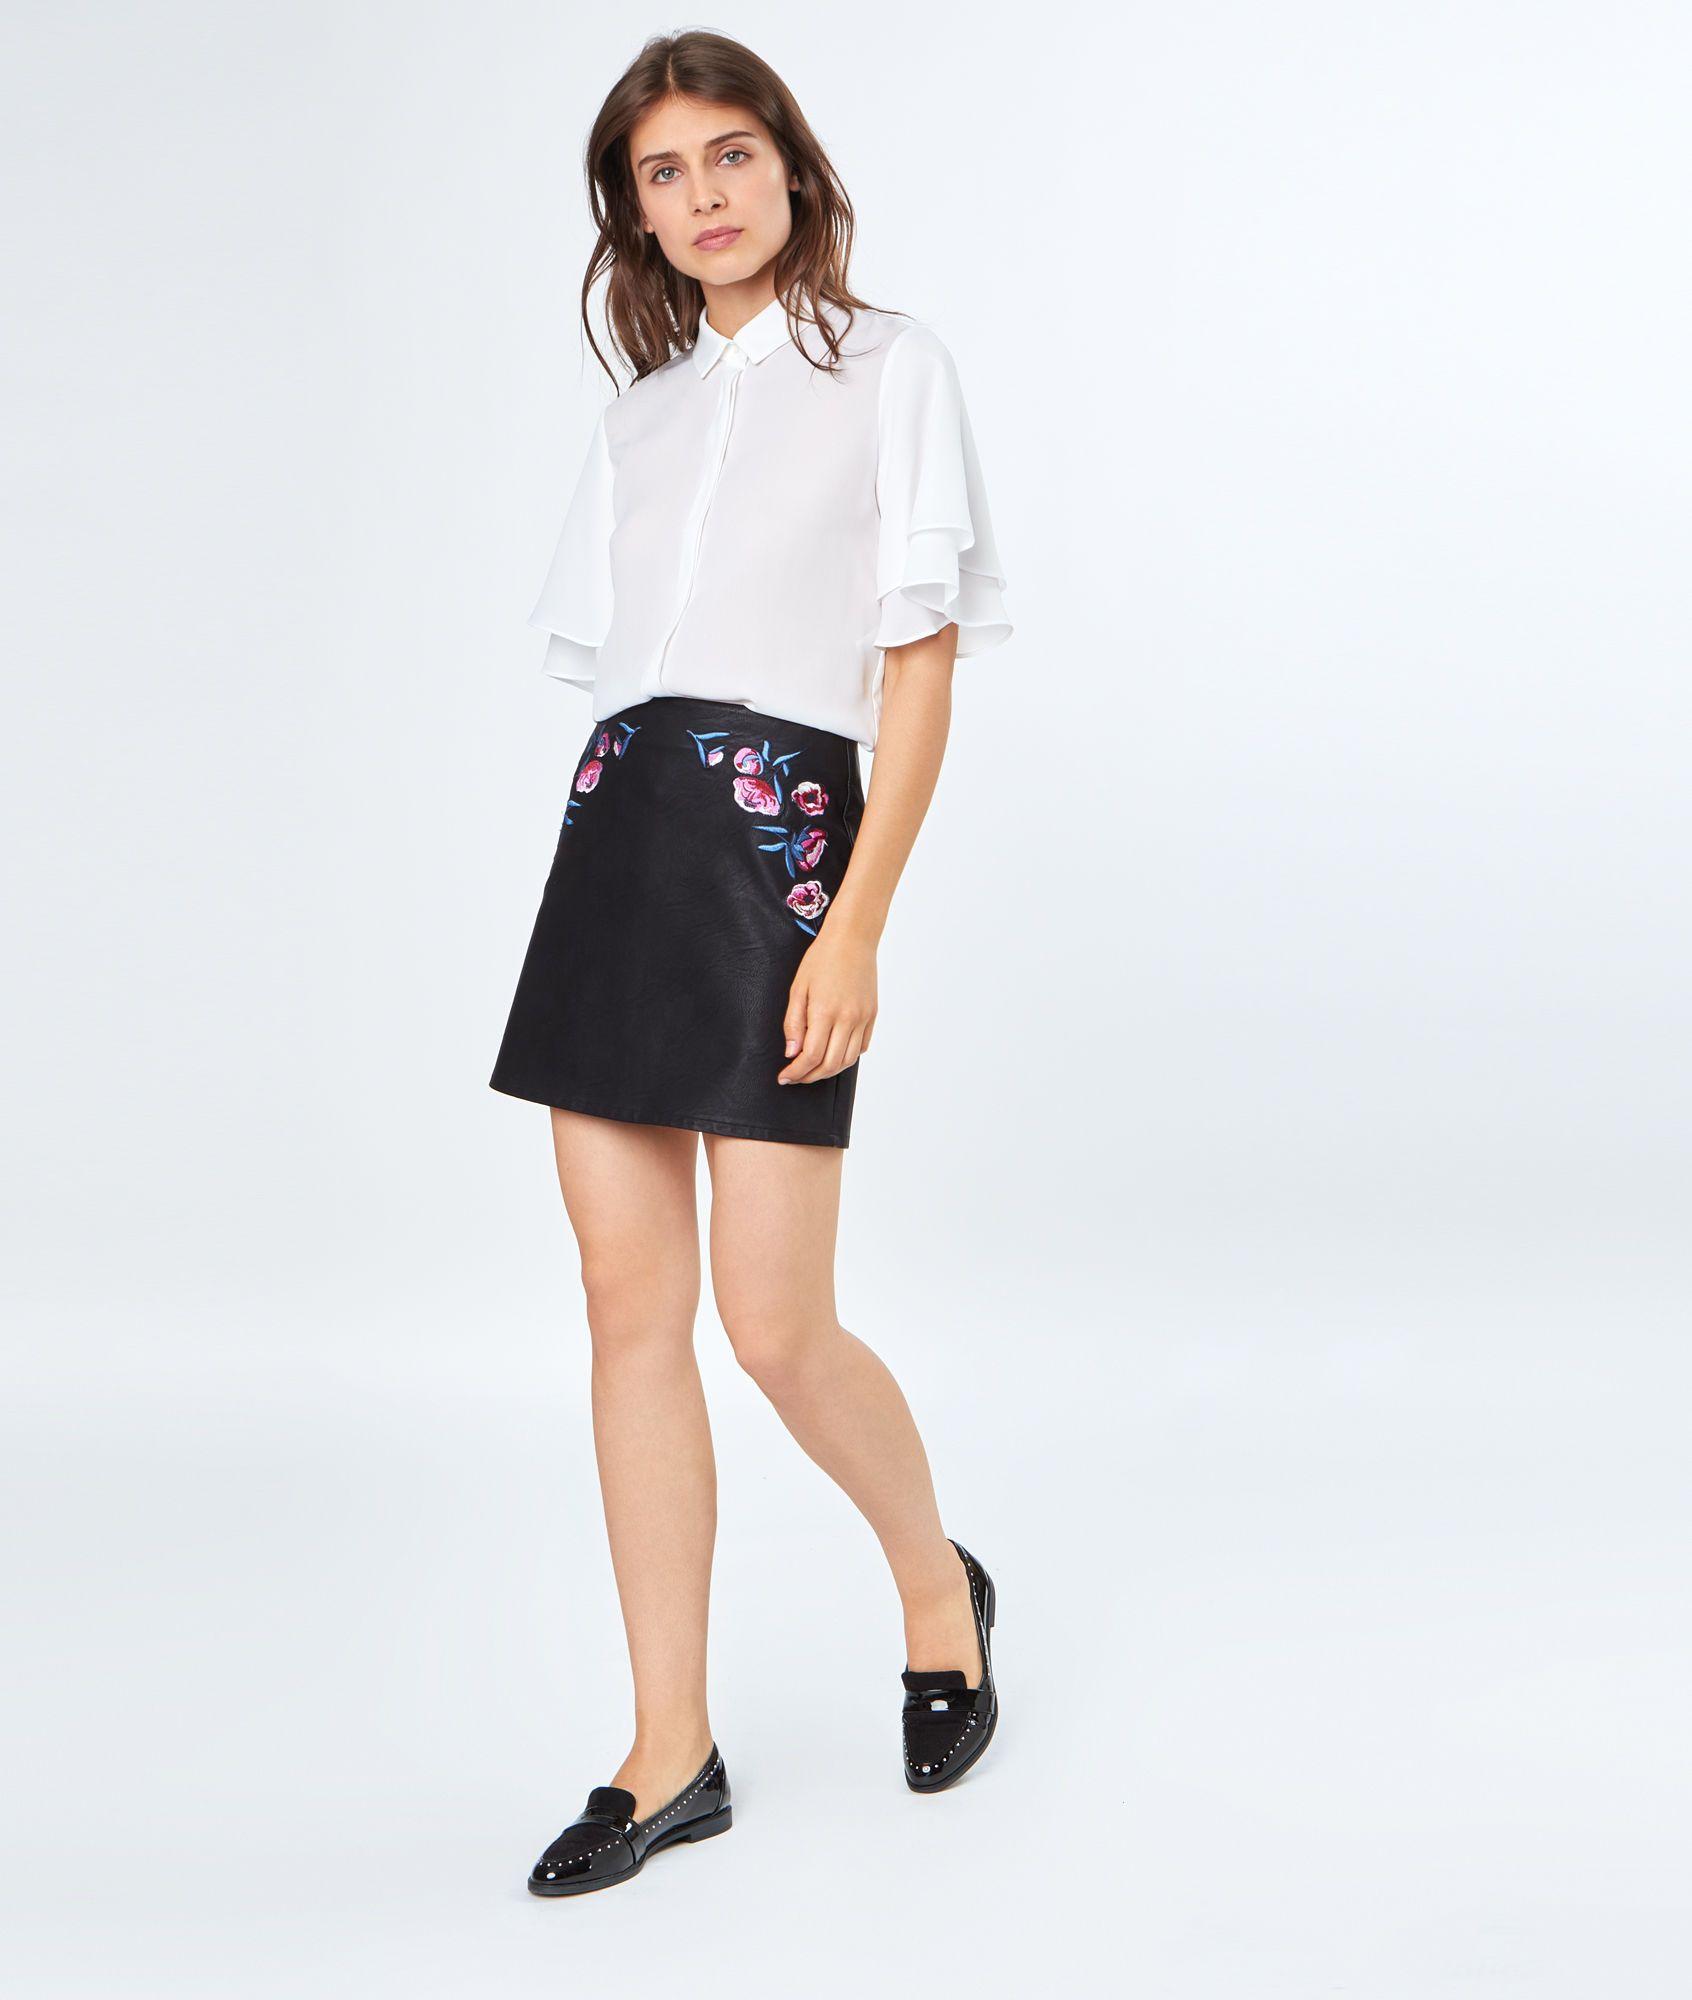 Minijupe fleurs brodées Mode, Mini jupe, Jupe